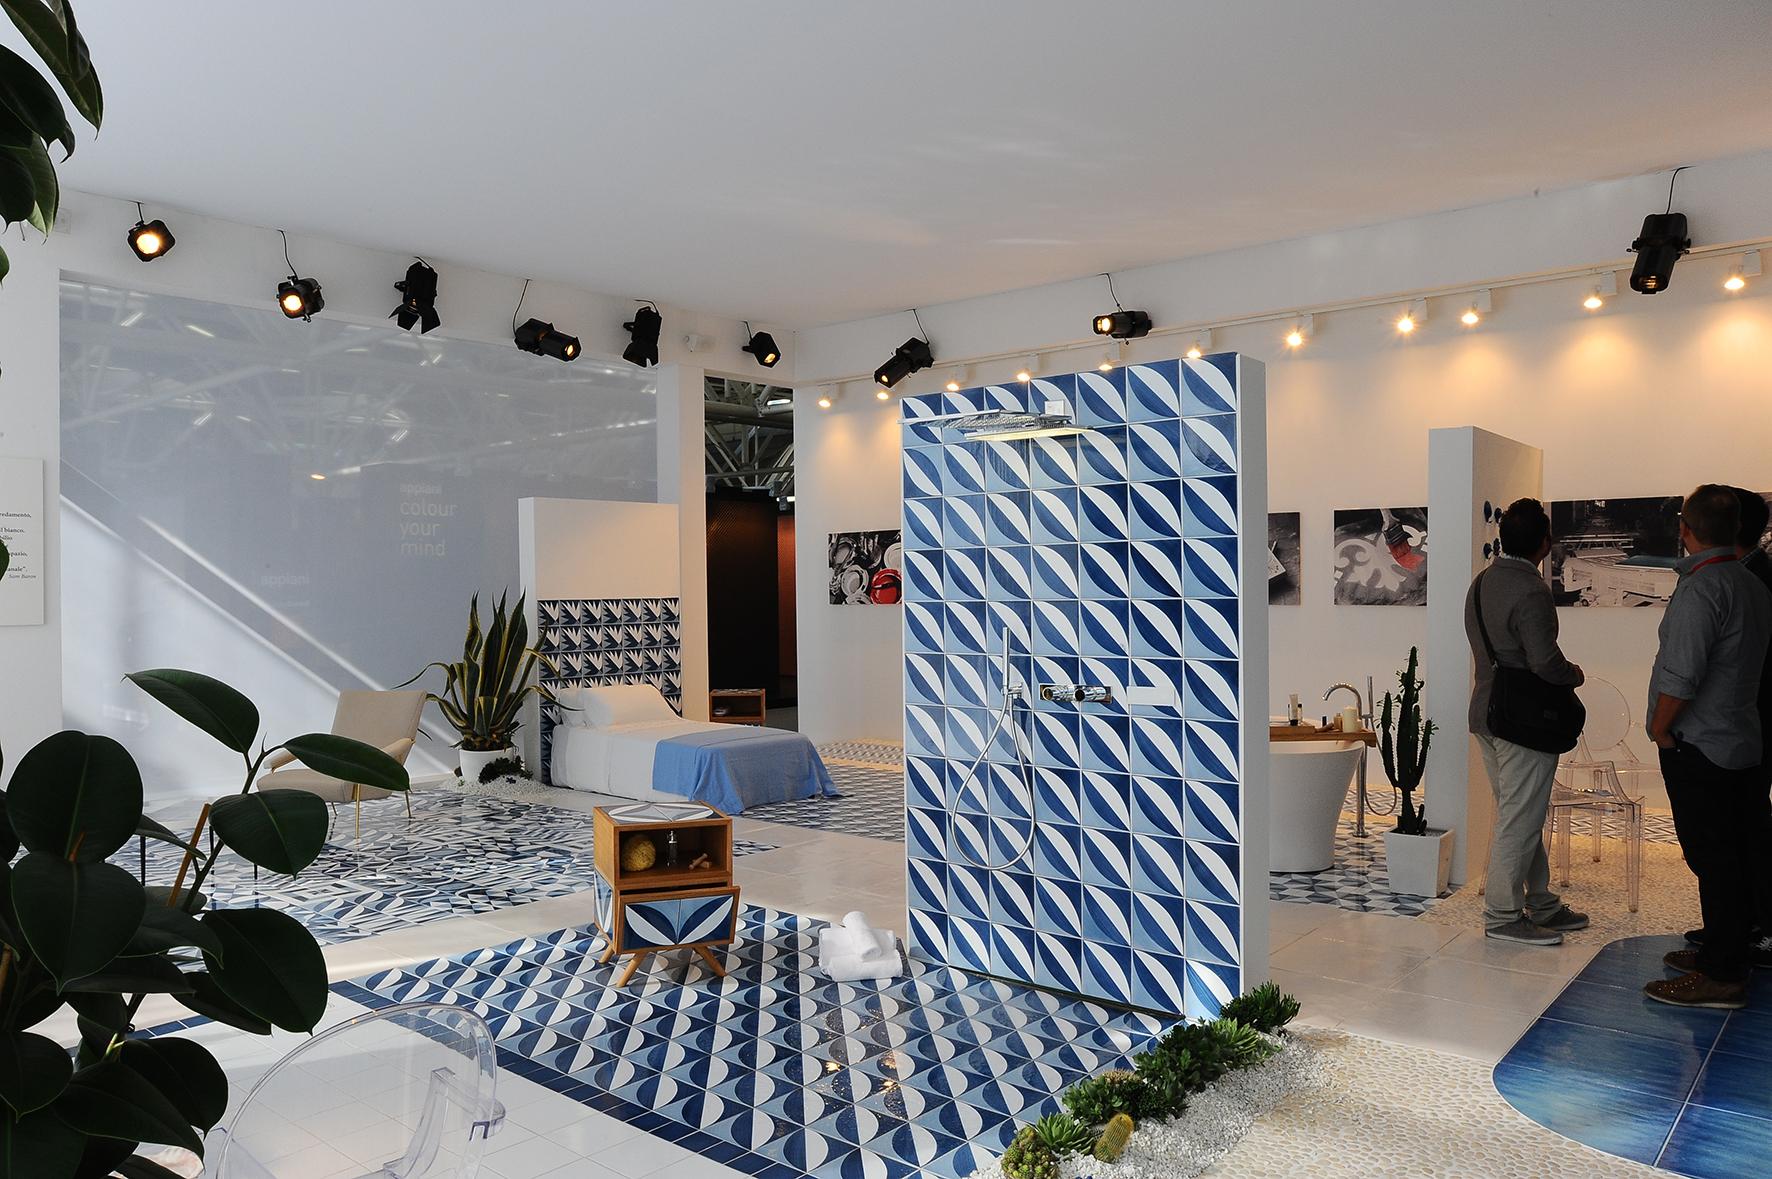 guida a cersaie 2017 livingcorriere. Black Bedroom Furniture Sets. Home Design Ideas